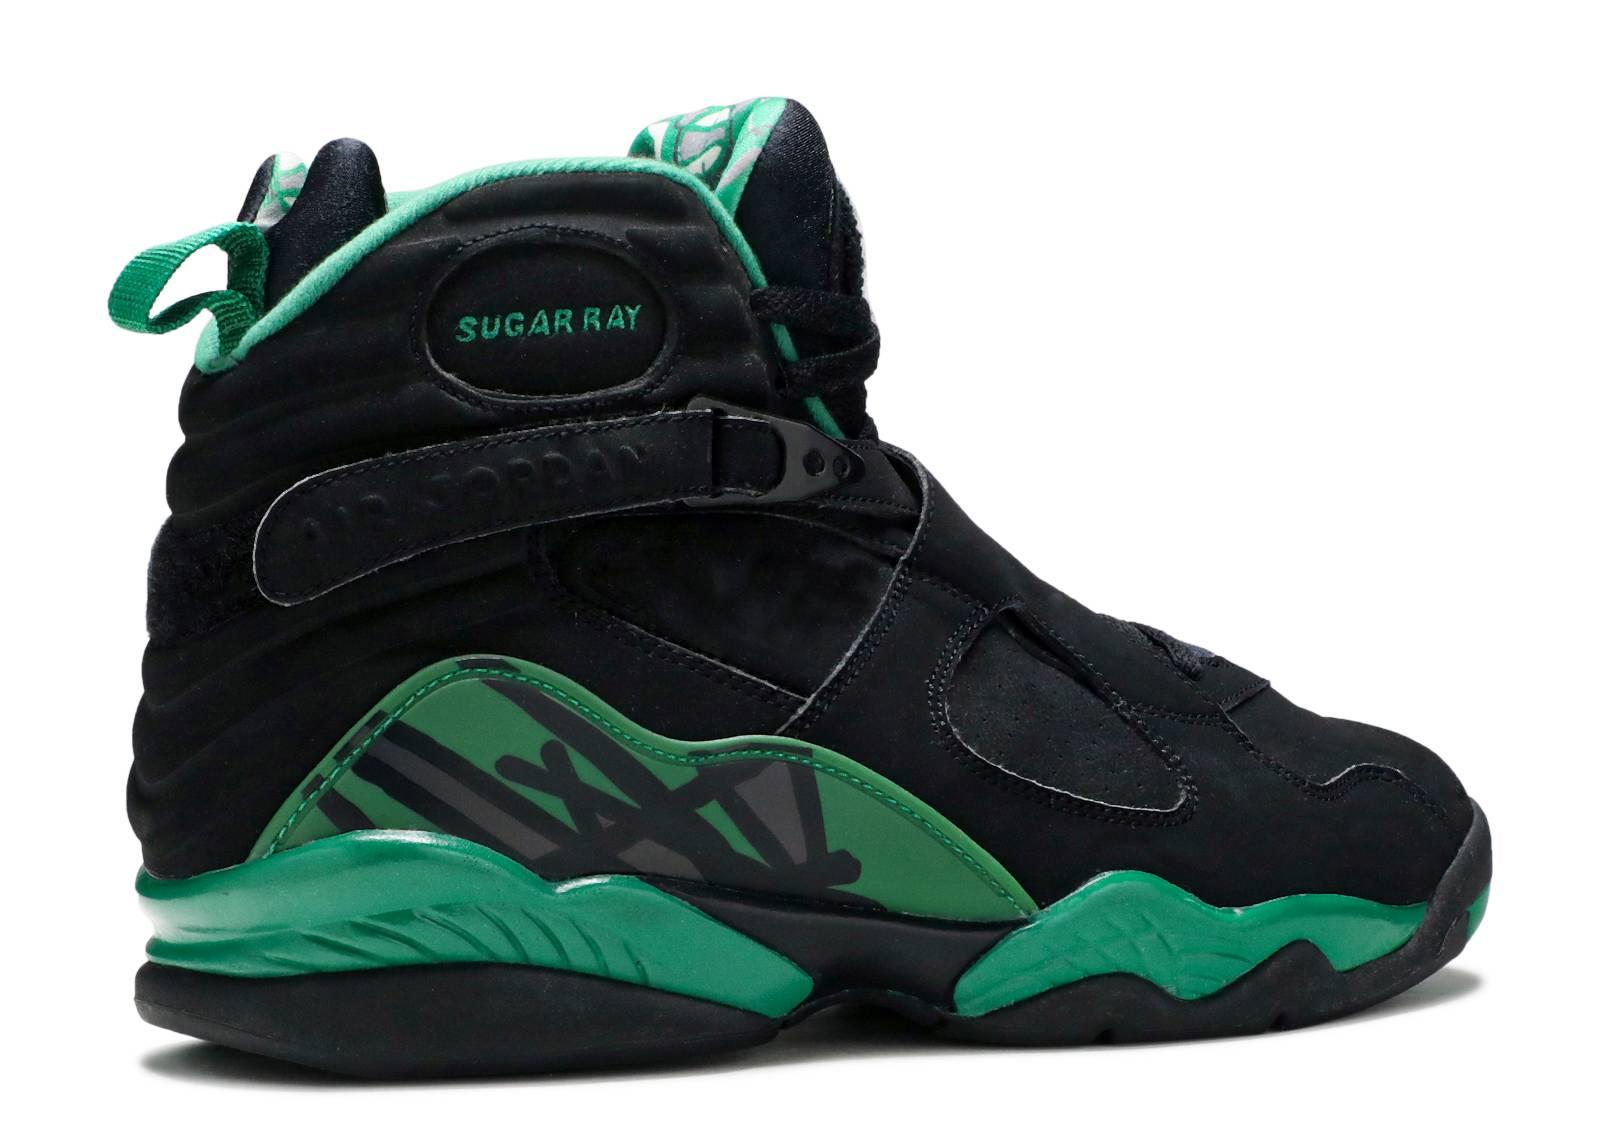 b8e908754e4 ... nike air max running shoes. sugar rays jordans for sale